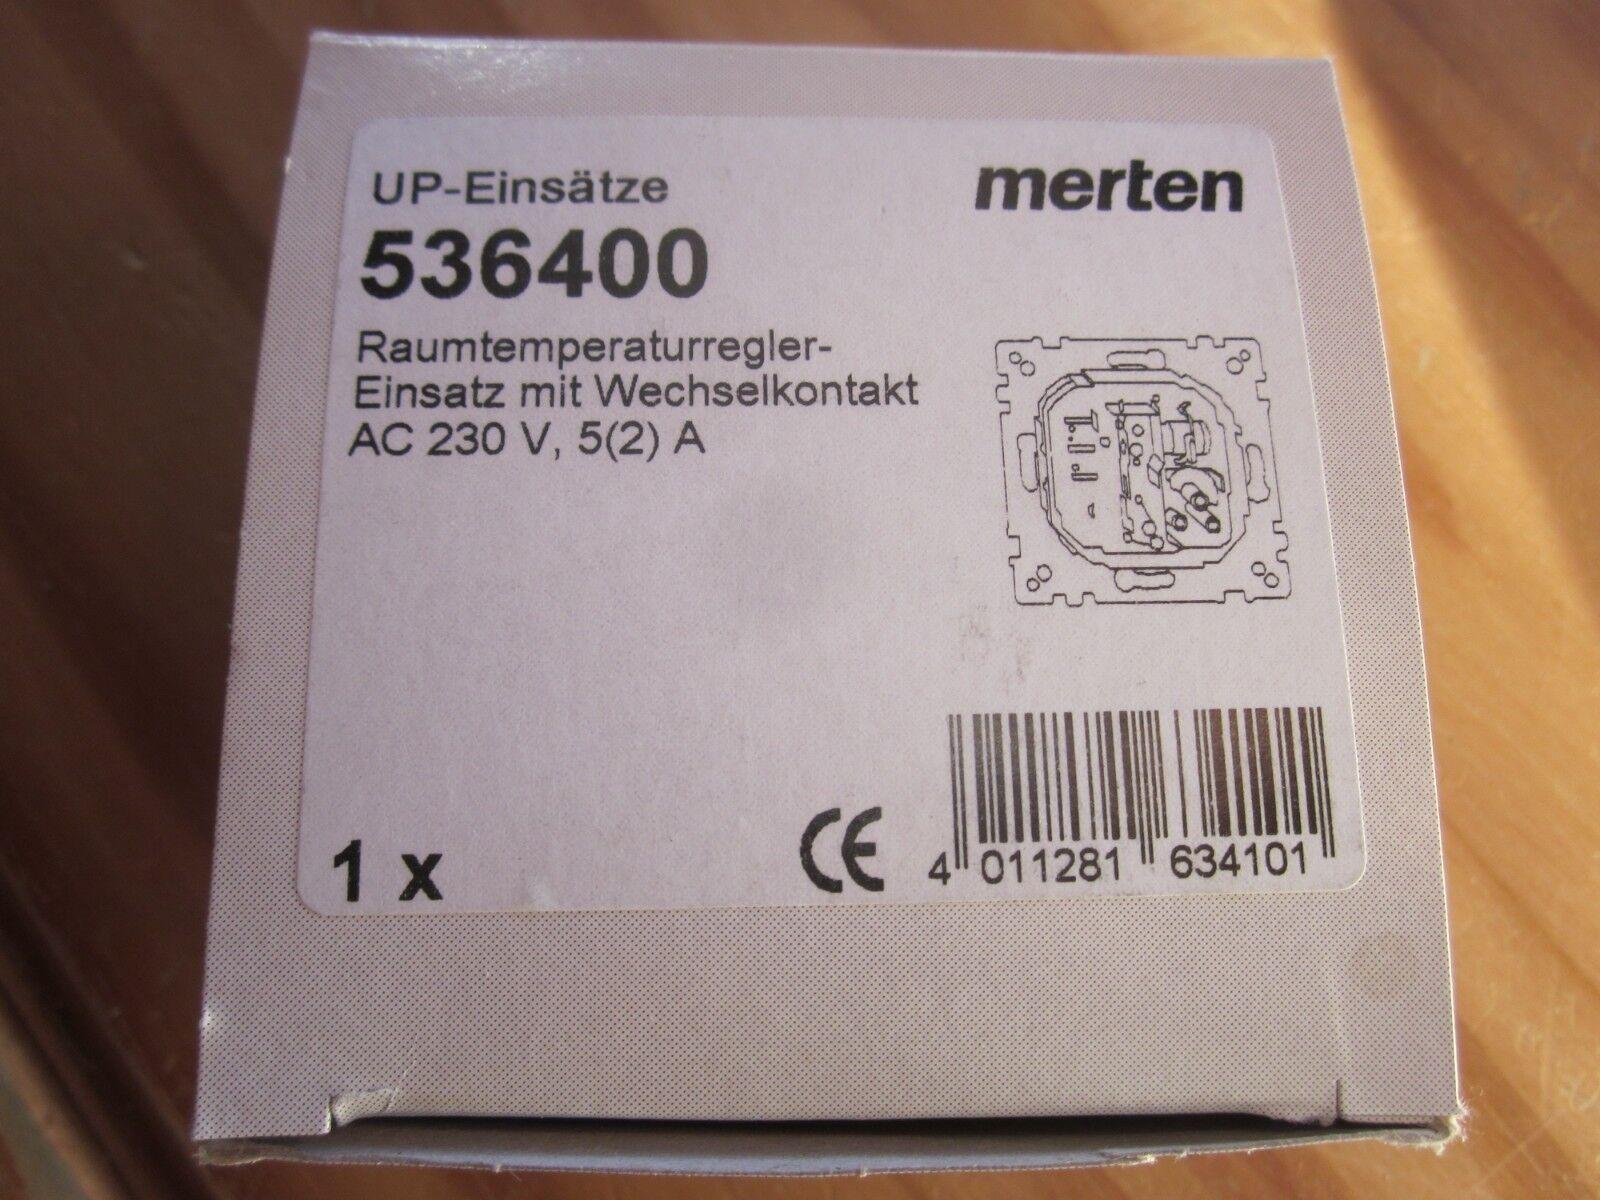 Merten Merten Merten Raumtemperaturregler -Einsatz mit Wechselkontakt OVP   536400 | Angemessene Lieferung und pünktliche Lieferung  4886dc